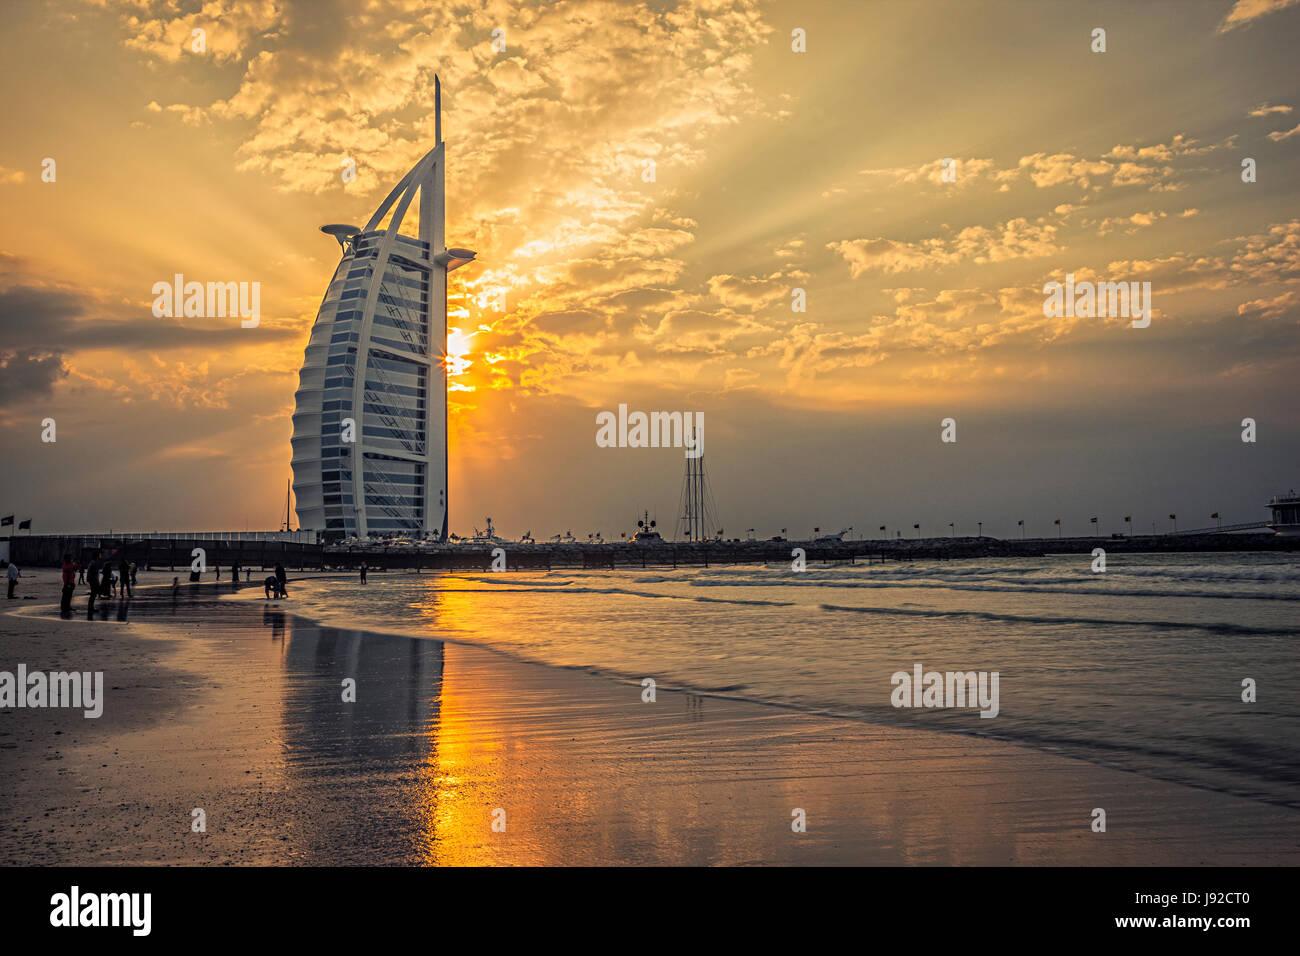 El Burj Al Arab al atardecer Imagen De Stock